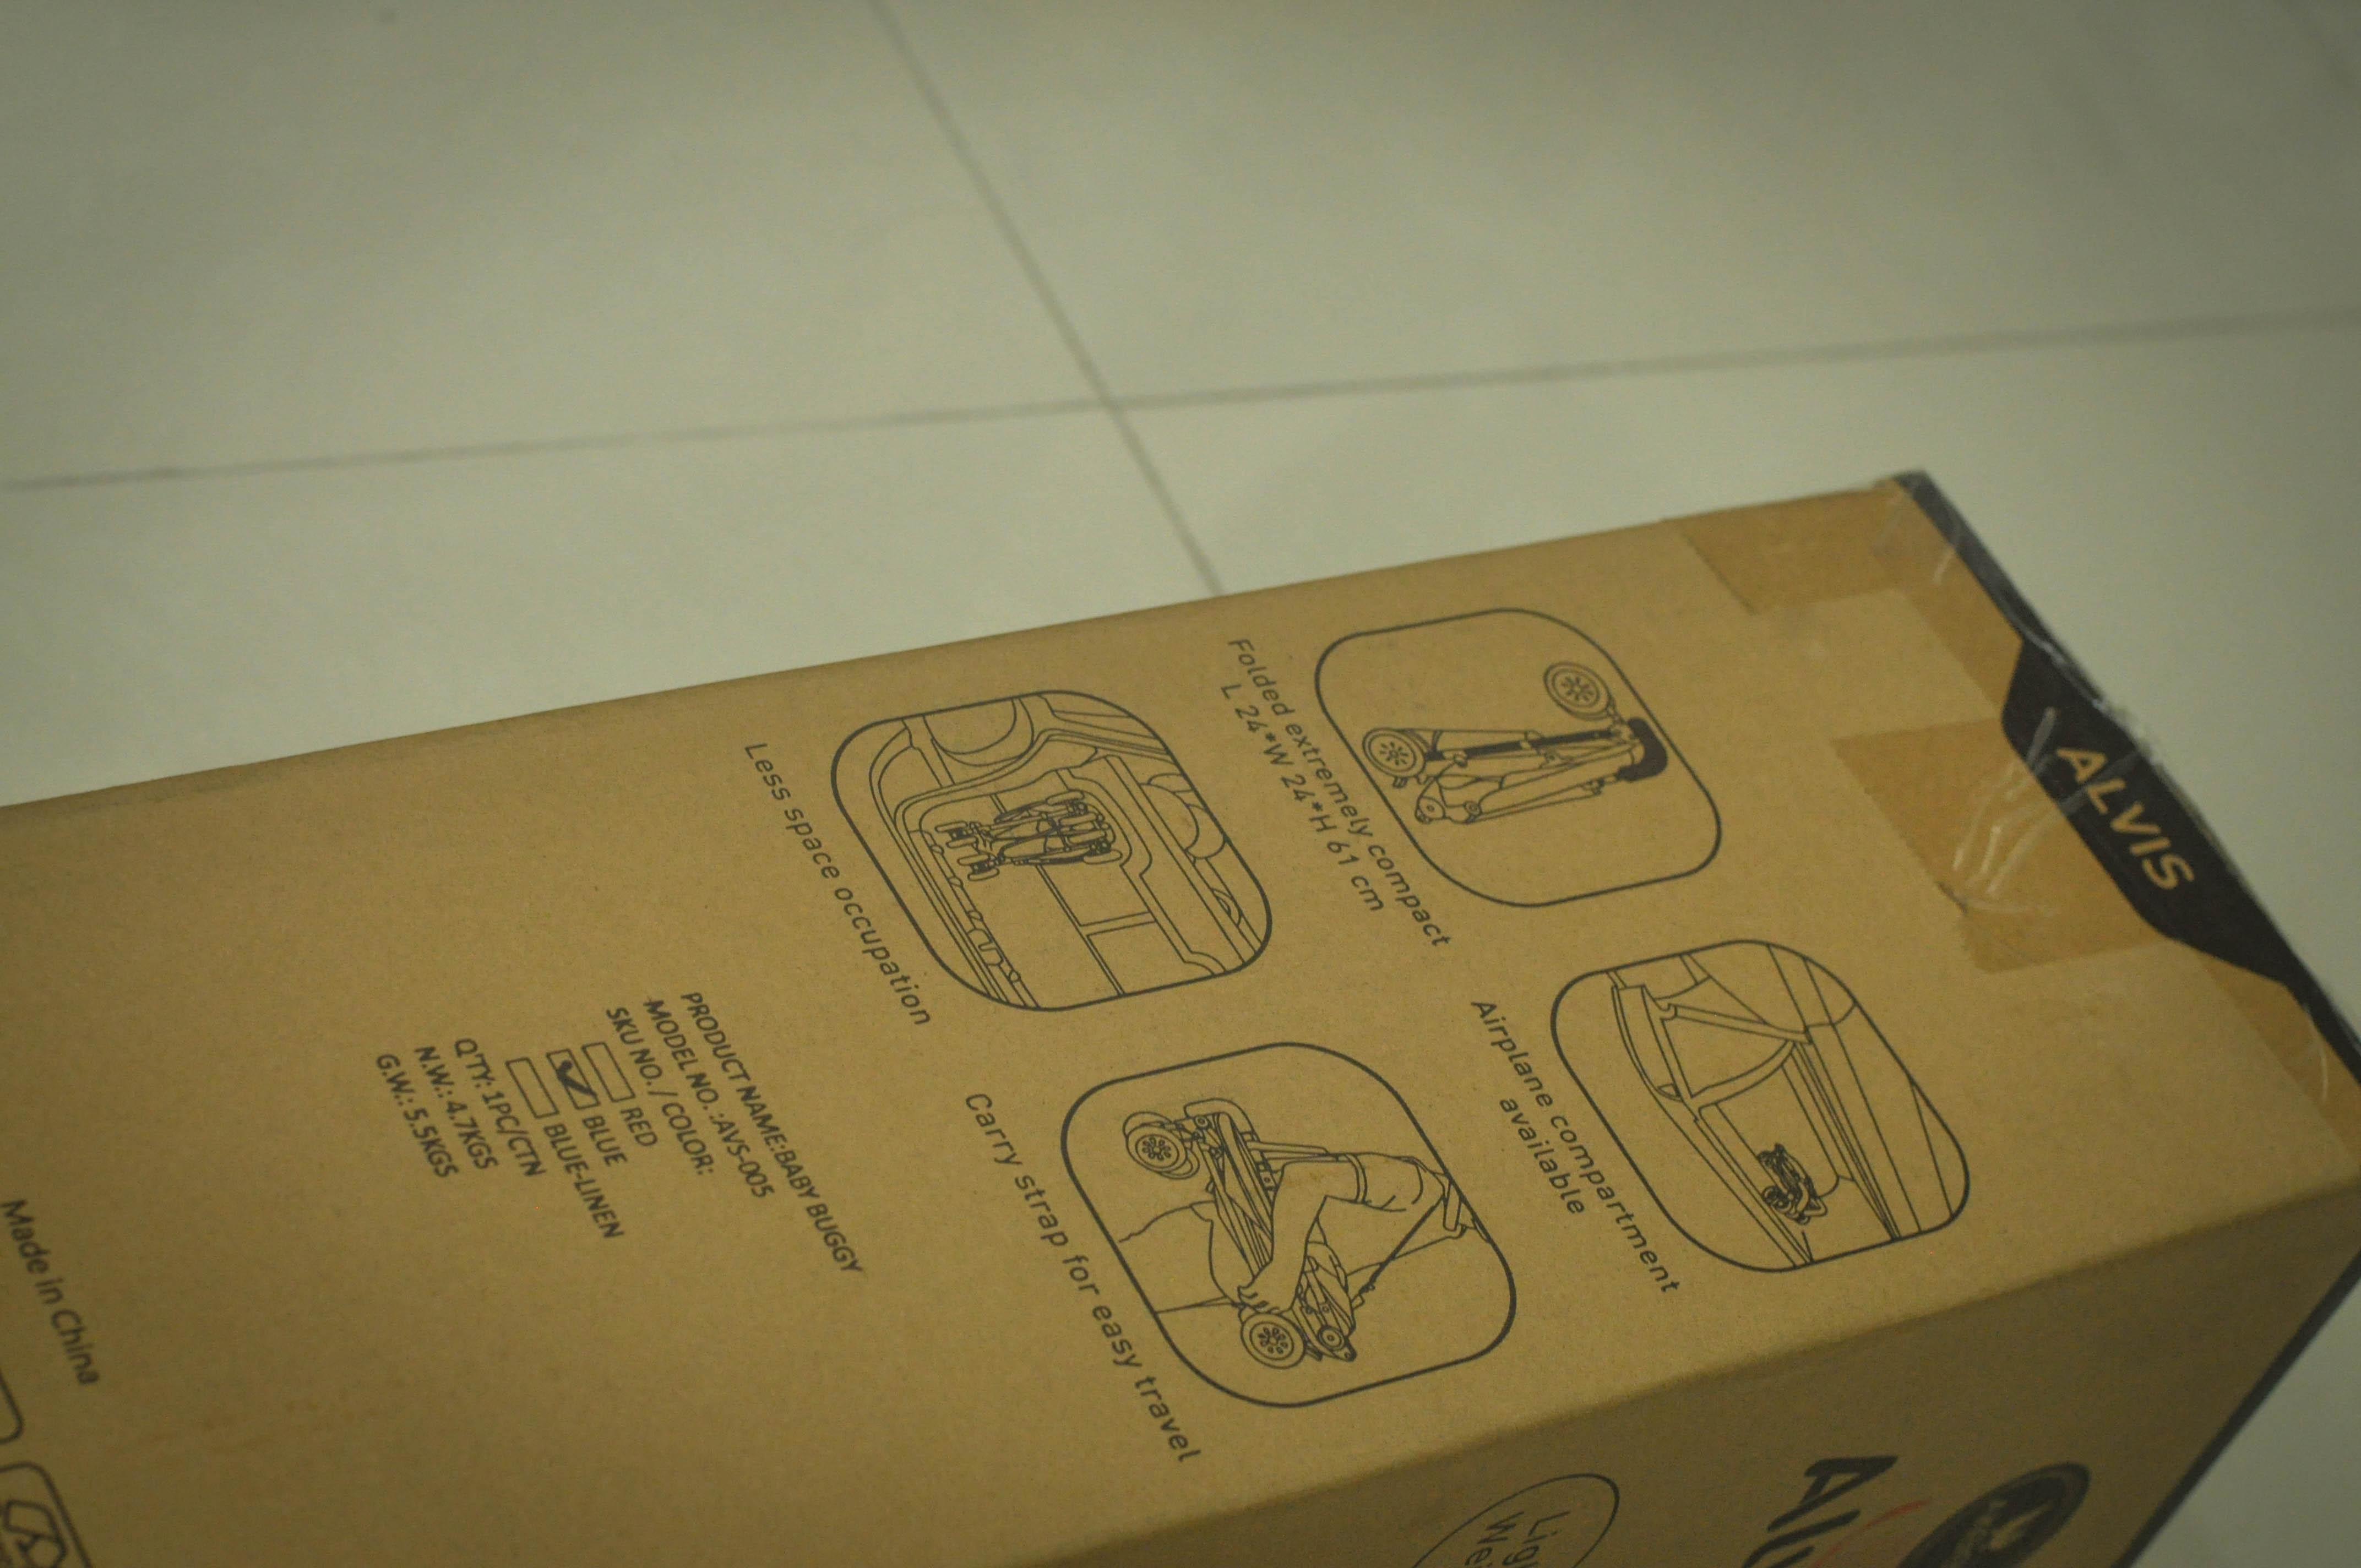 akeeva alvis pocket stroller carton